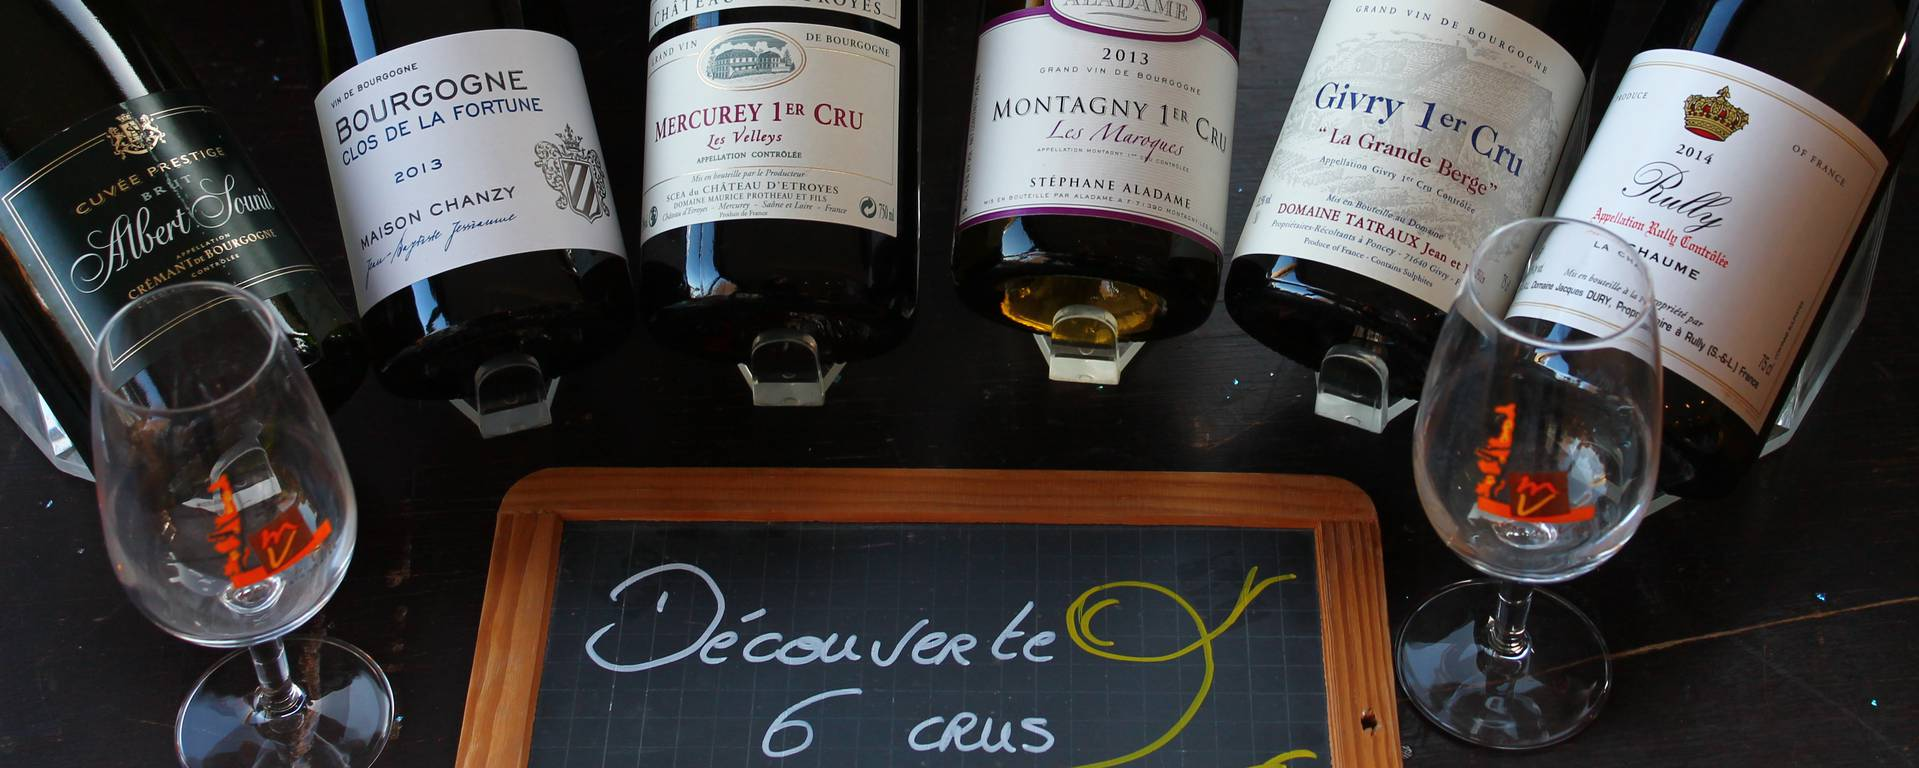 Vins de la Cote Chalonnaise - © Office de Tourisme